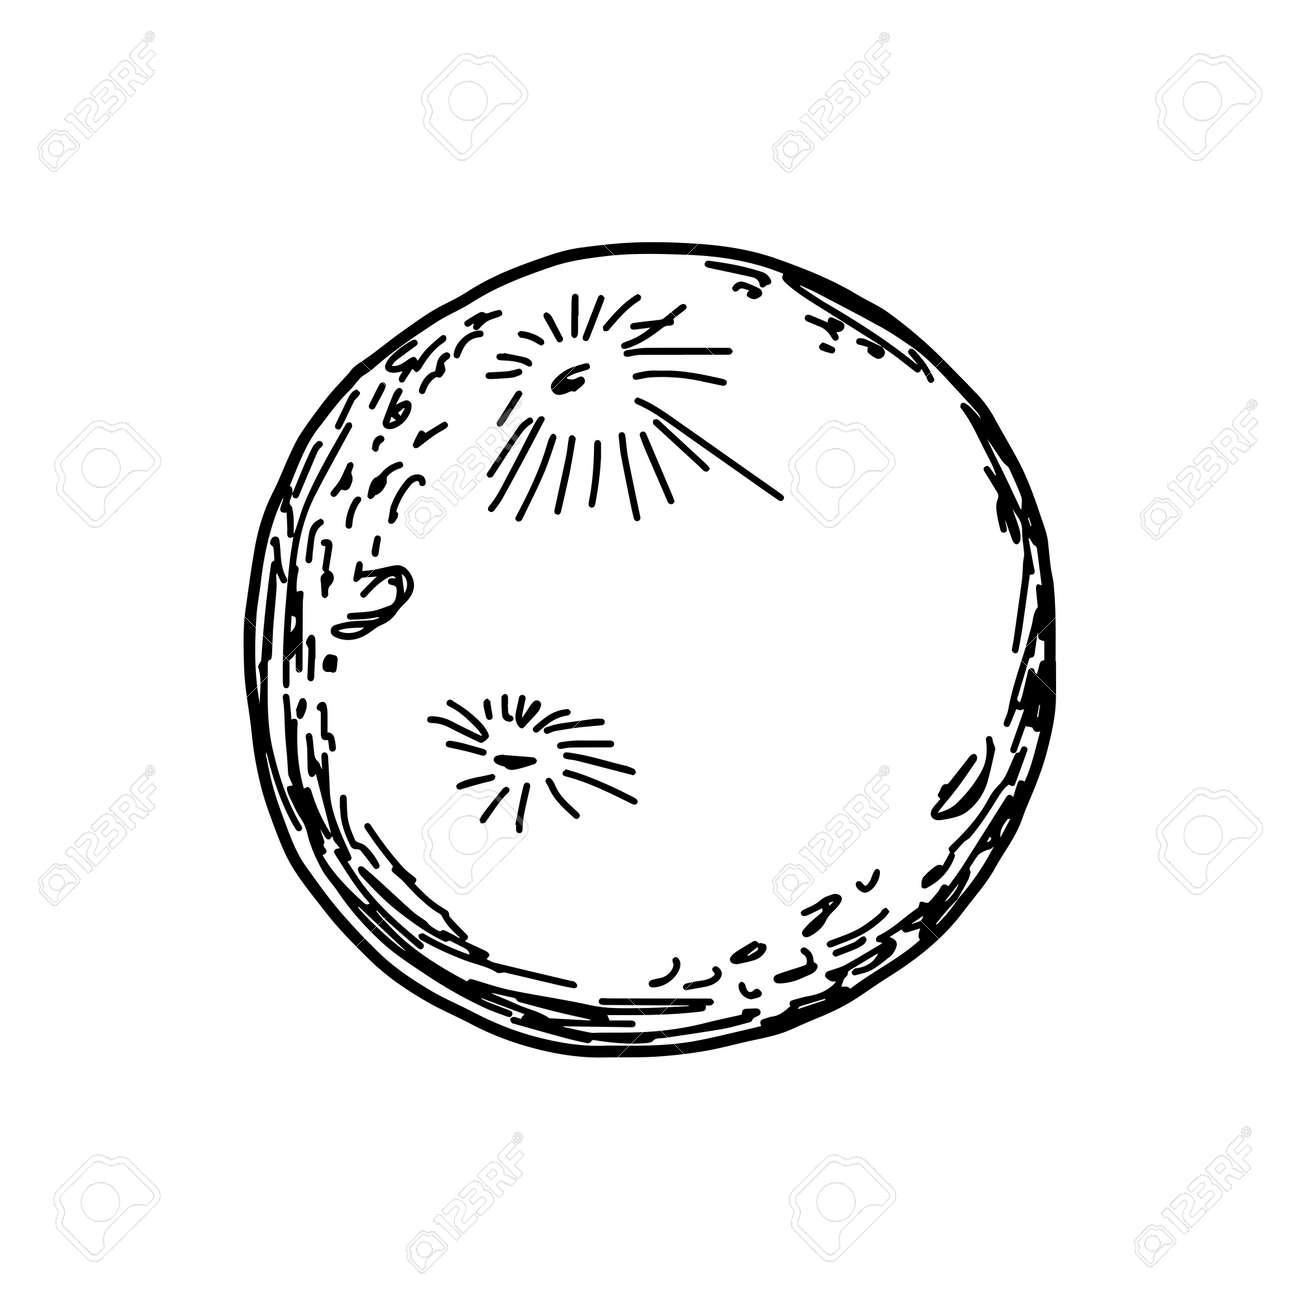 Ilustracion Vectorial Dibujo A Mano Dibujado De La Luna Aislada En